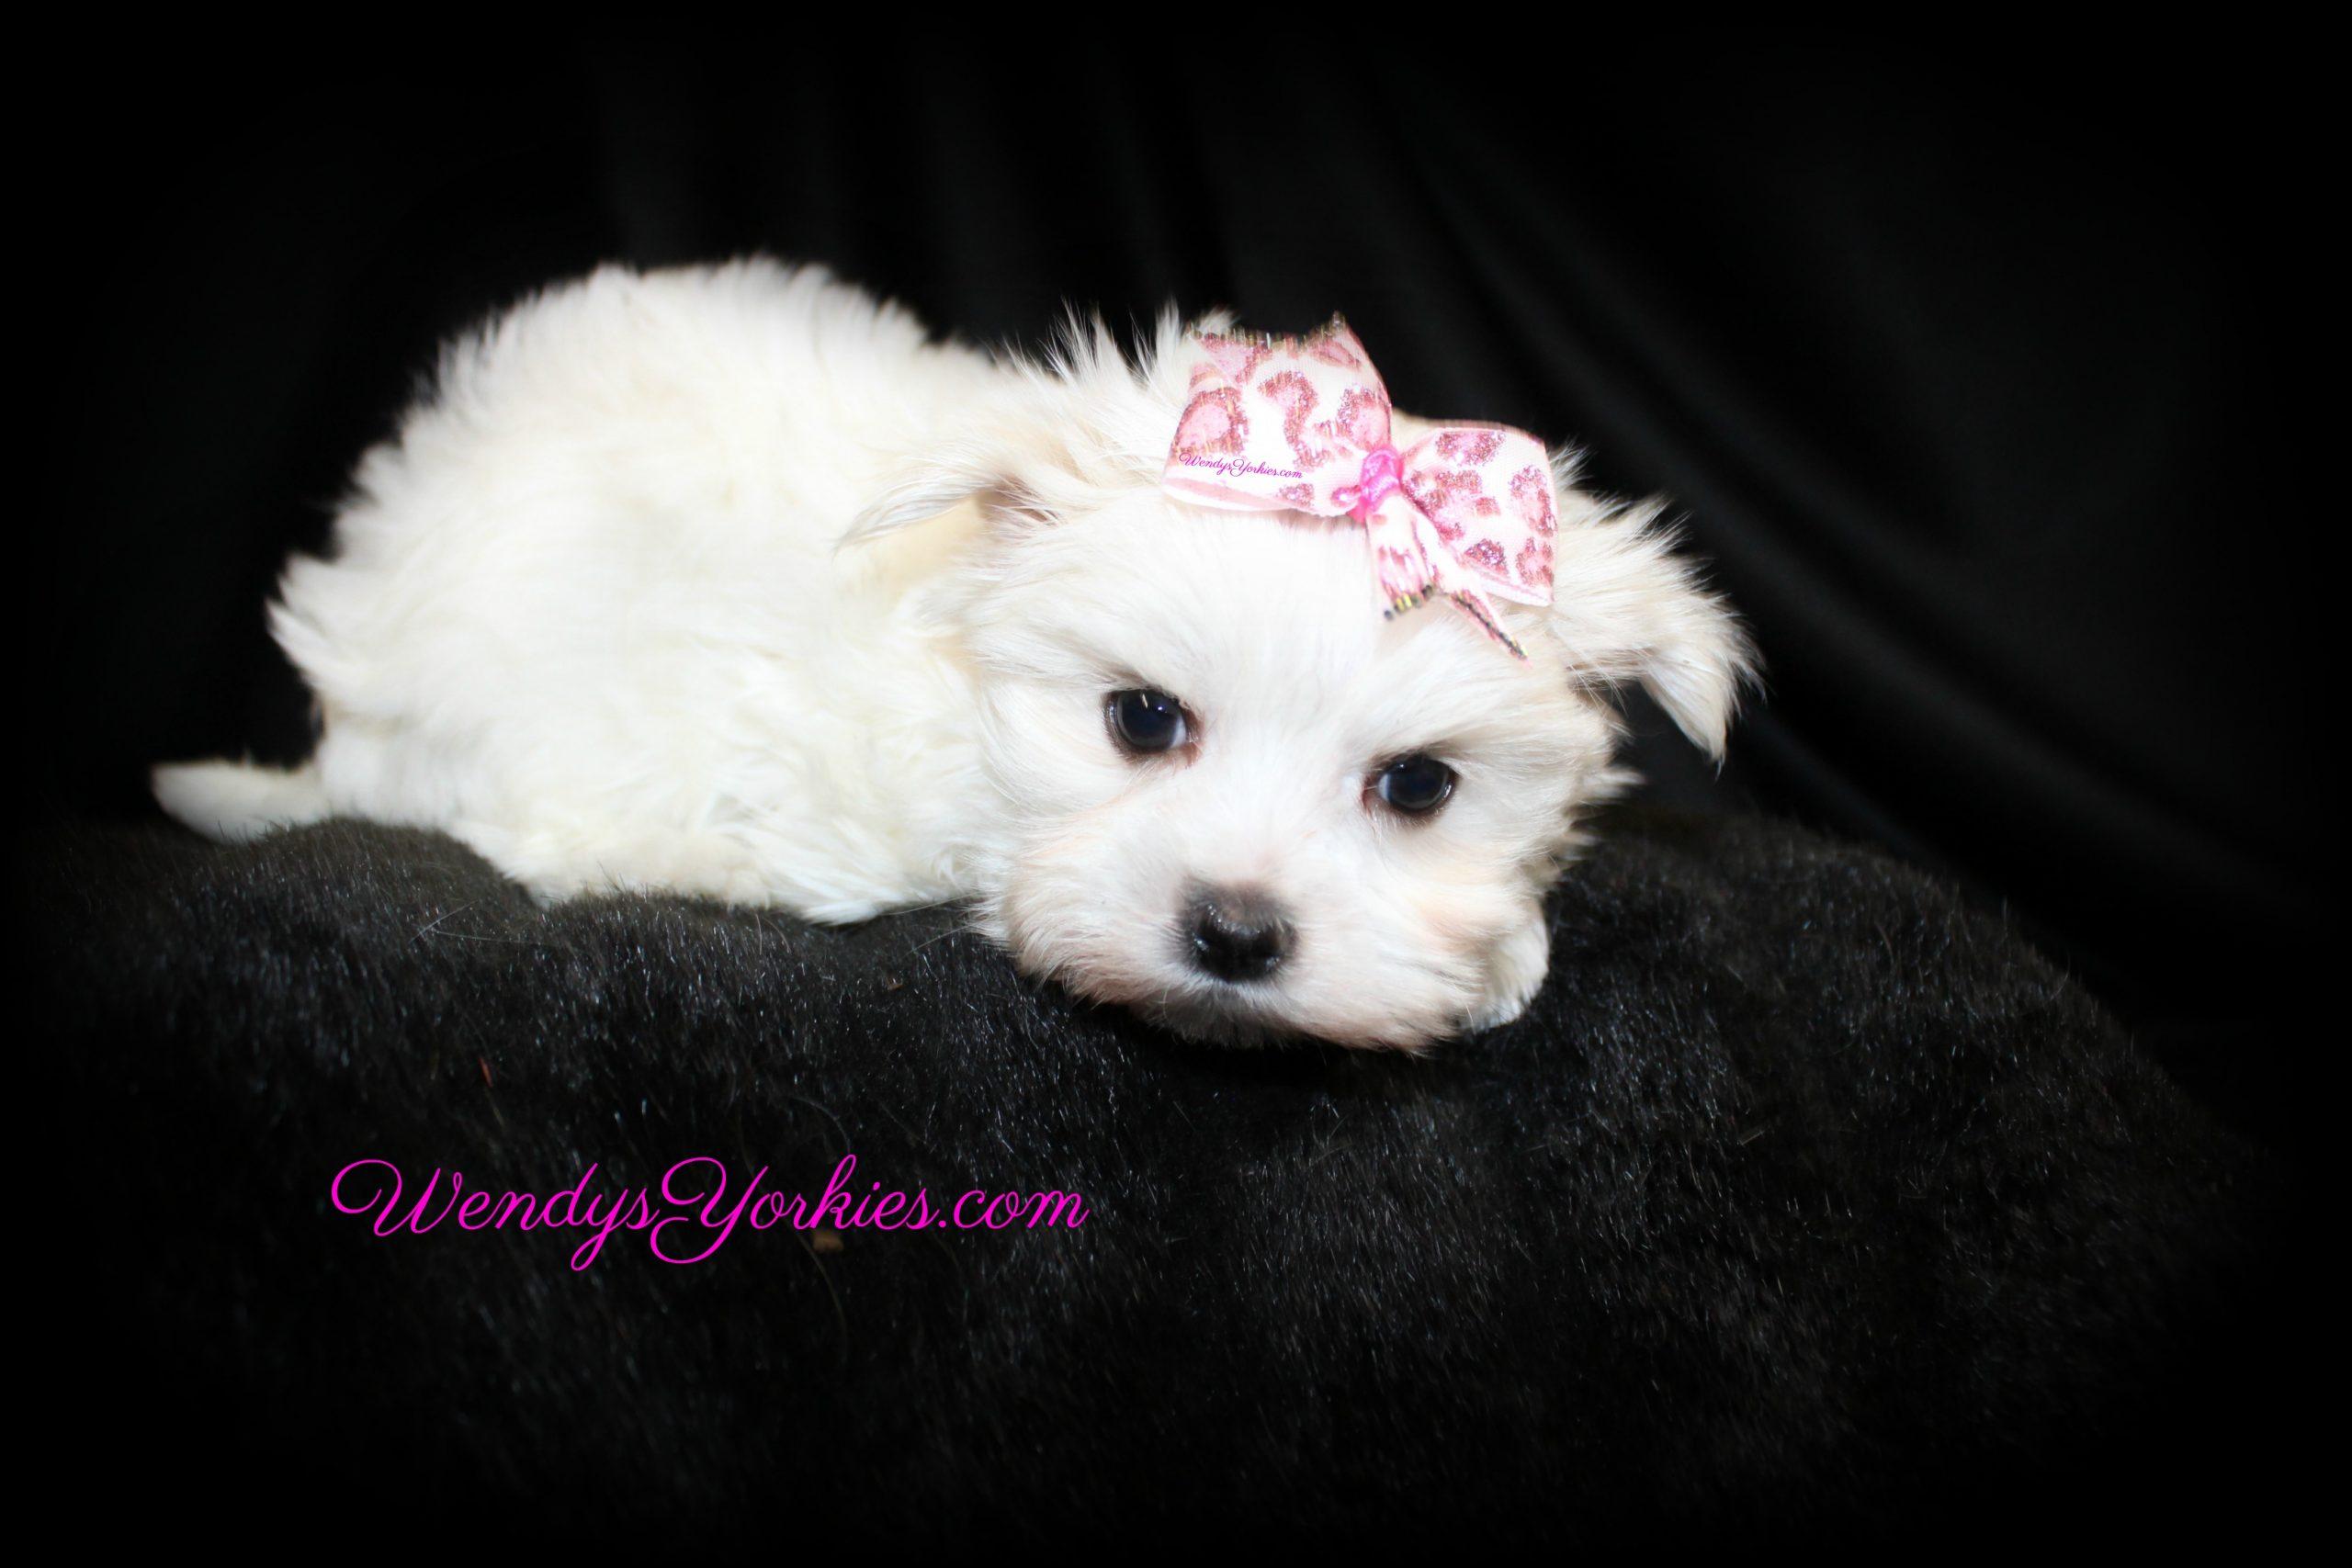 Female Maltese puppy for sale in Texas, Ellie,WendysYorkies.com